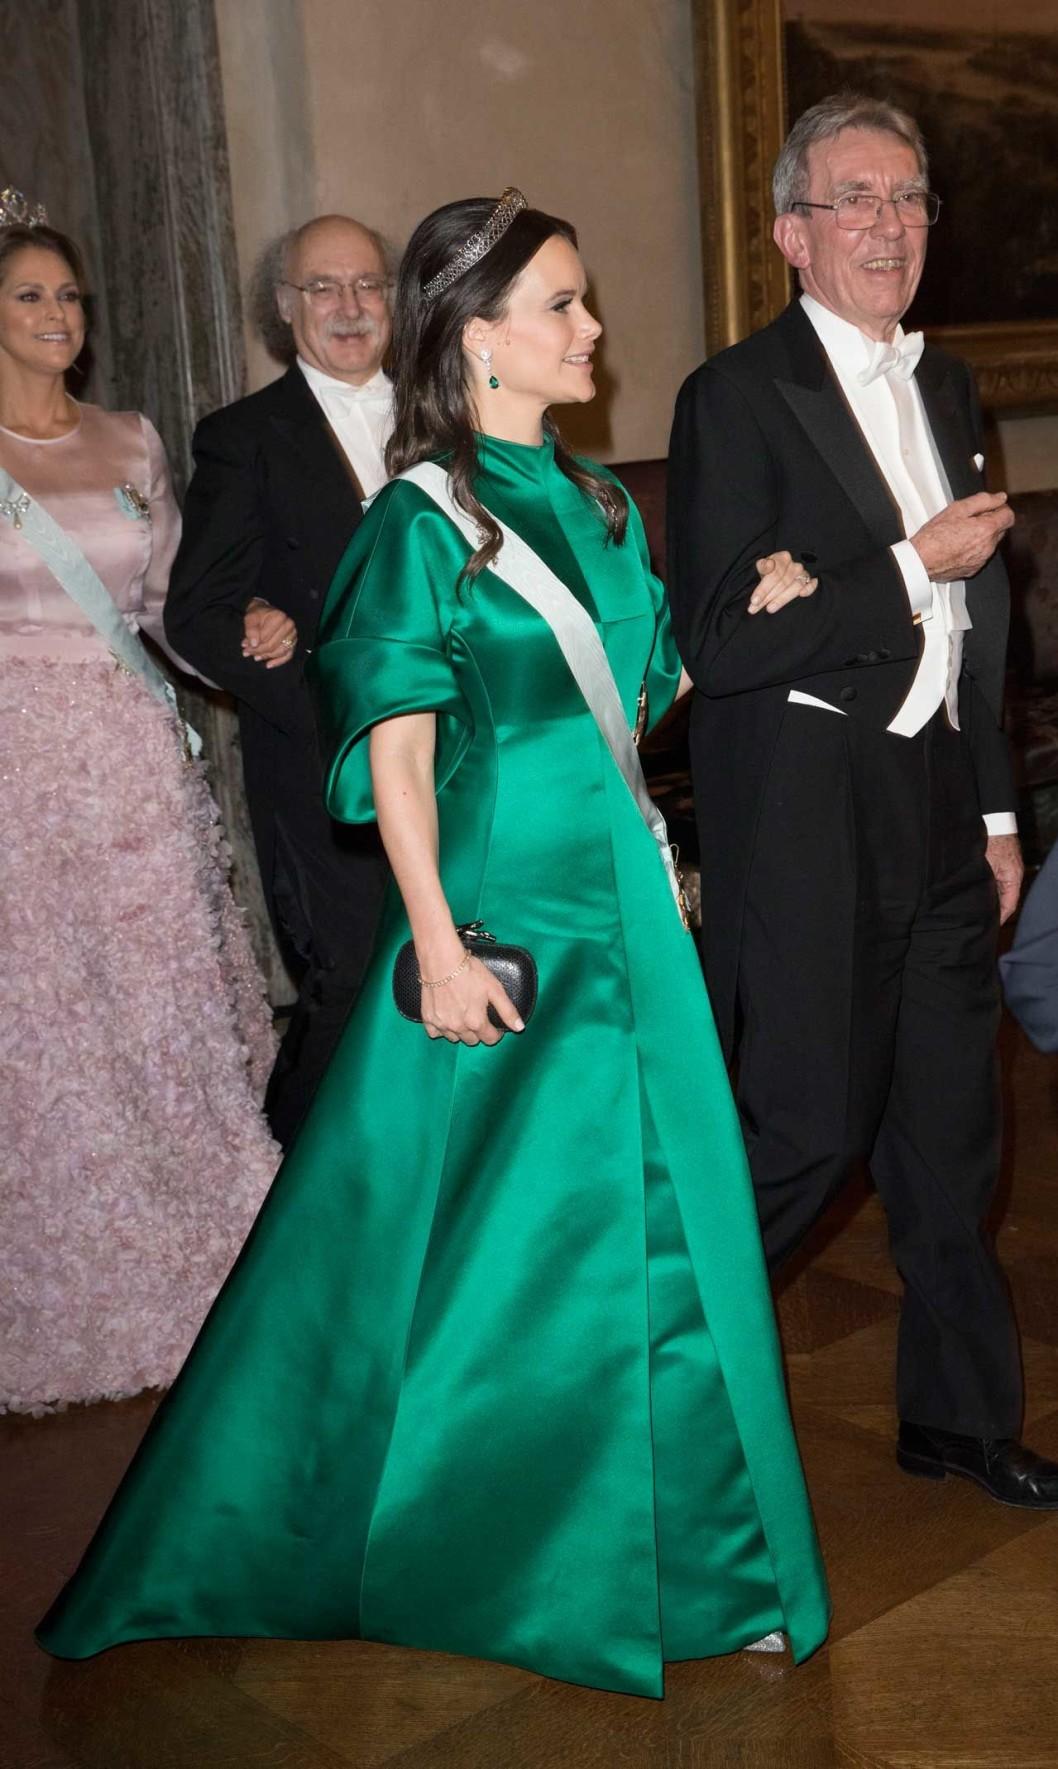 Нобель 2016 г, платье от шведского  House of Dagmar, которое получило одновременно и признание, и некую критику, тиара - королевы Сильвии